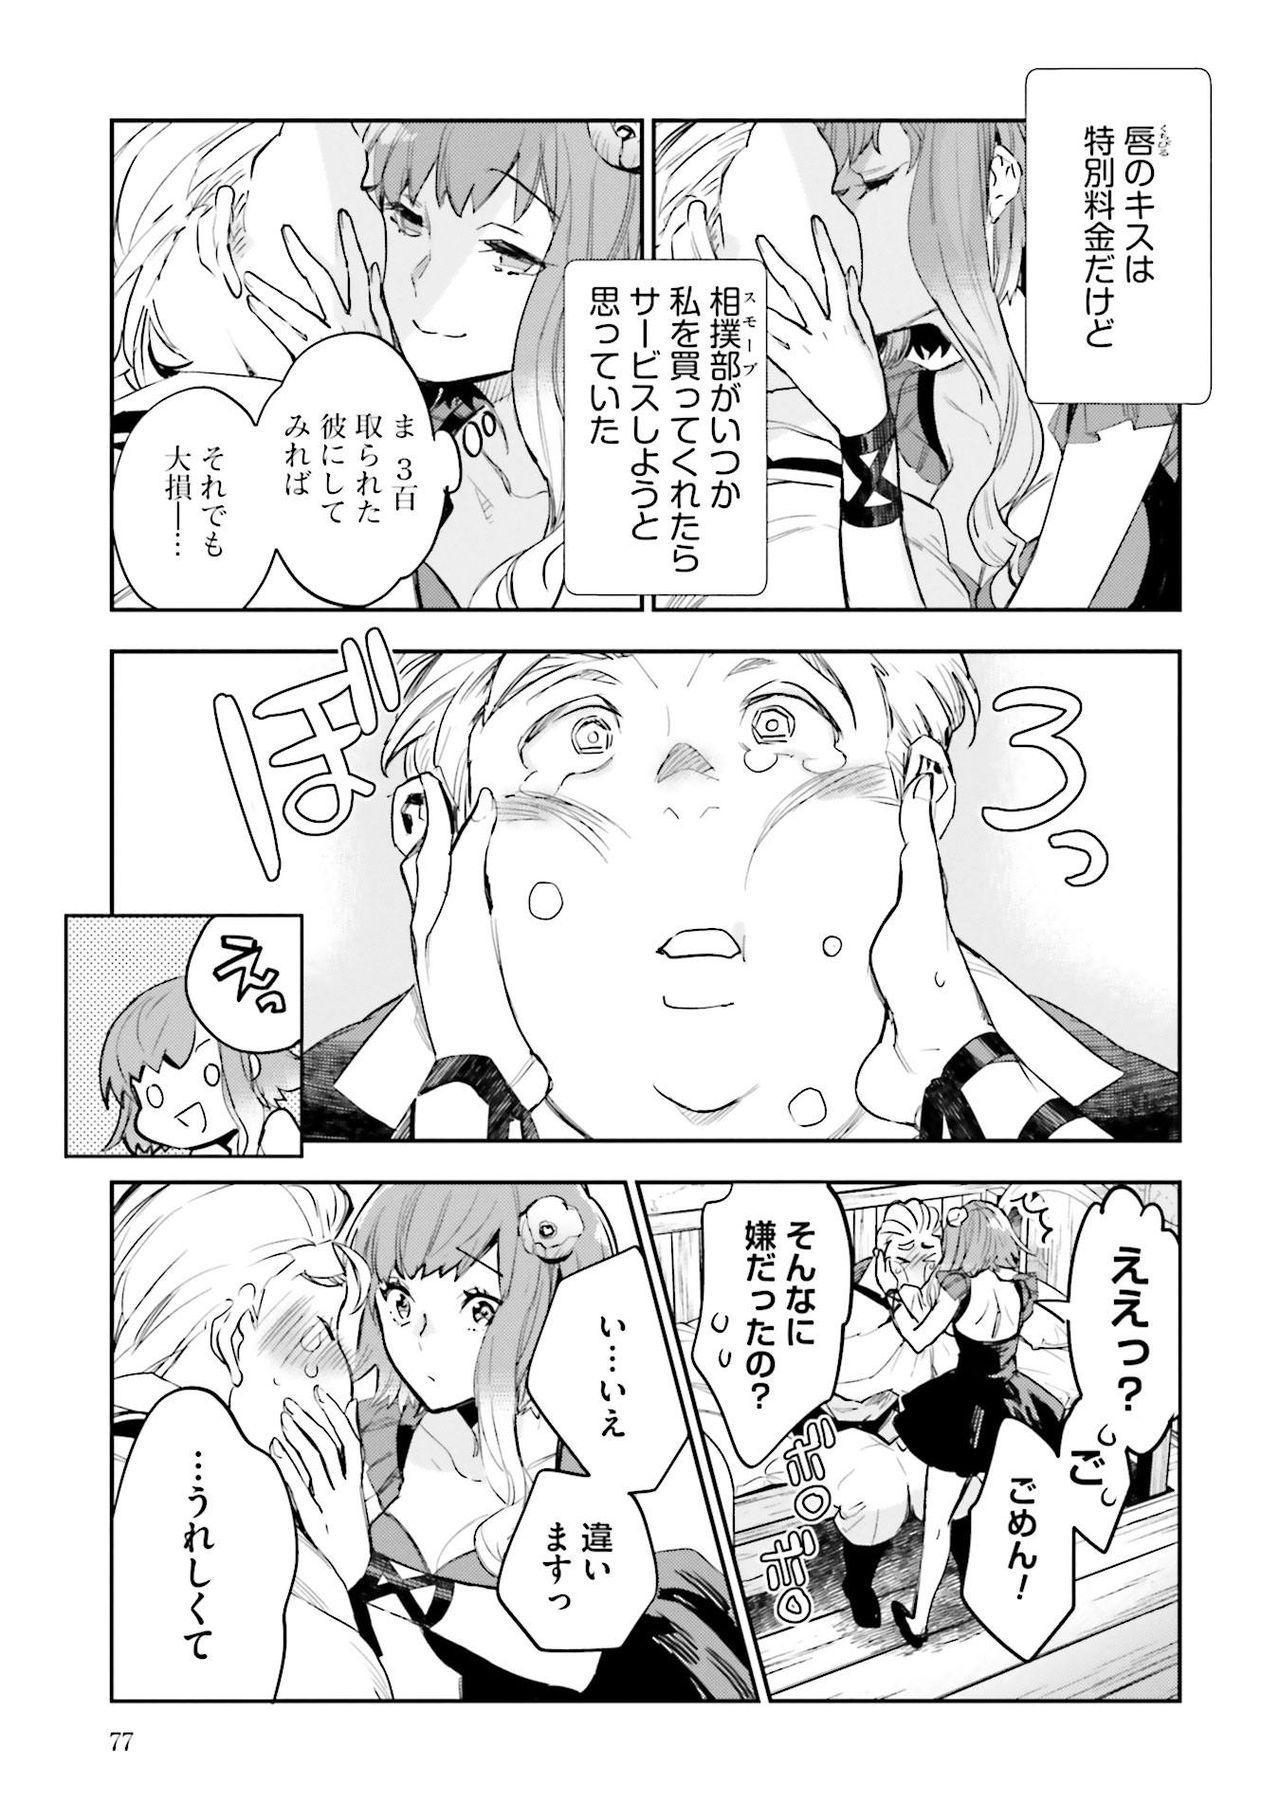 JK Haru wa Isekai de Shoufu ni Natta 1-14 265